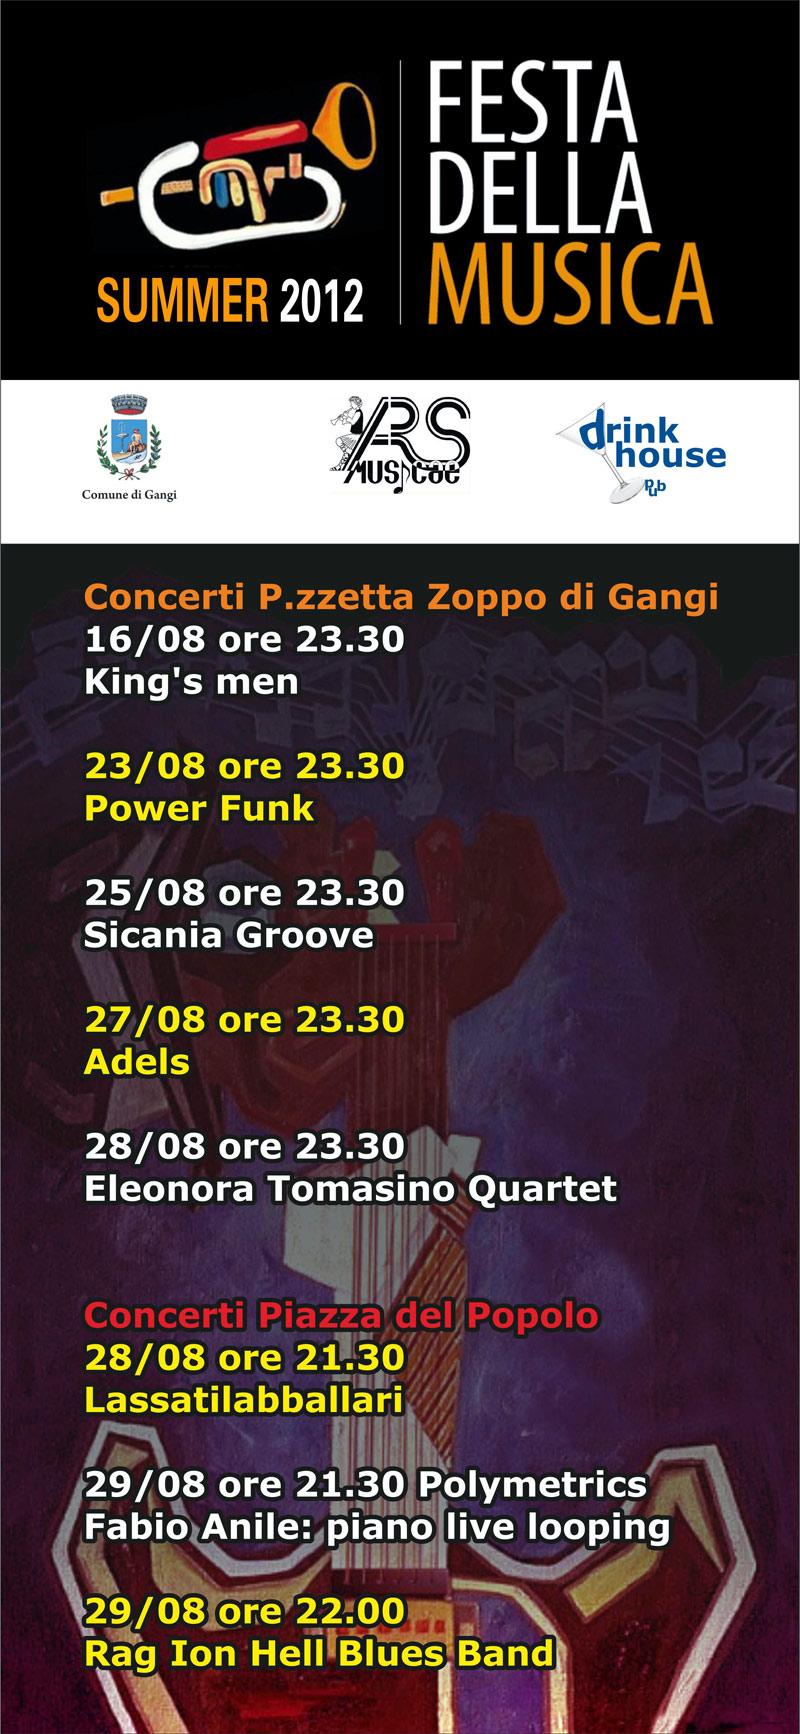 Locandina rassegna Festa della Musica 2012